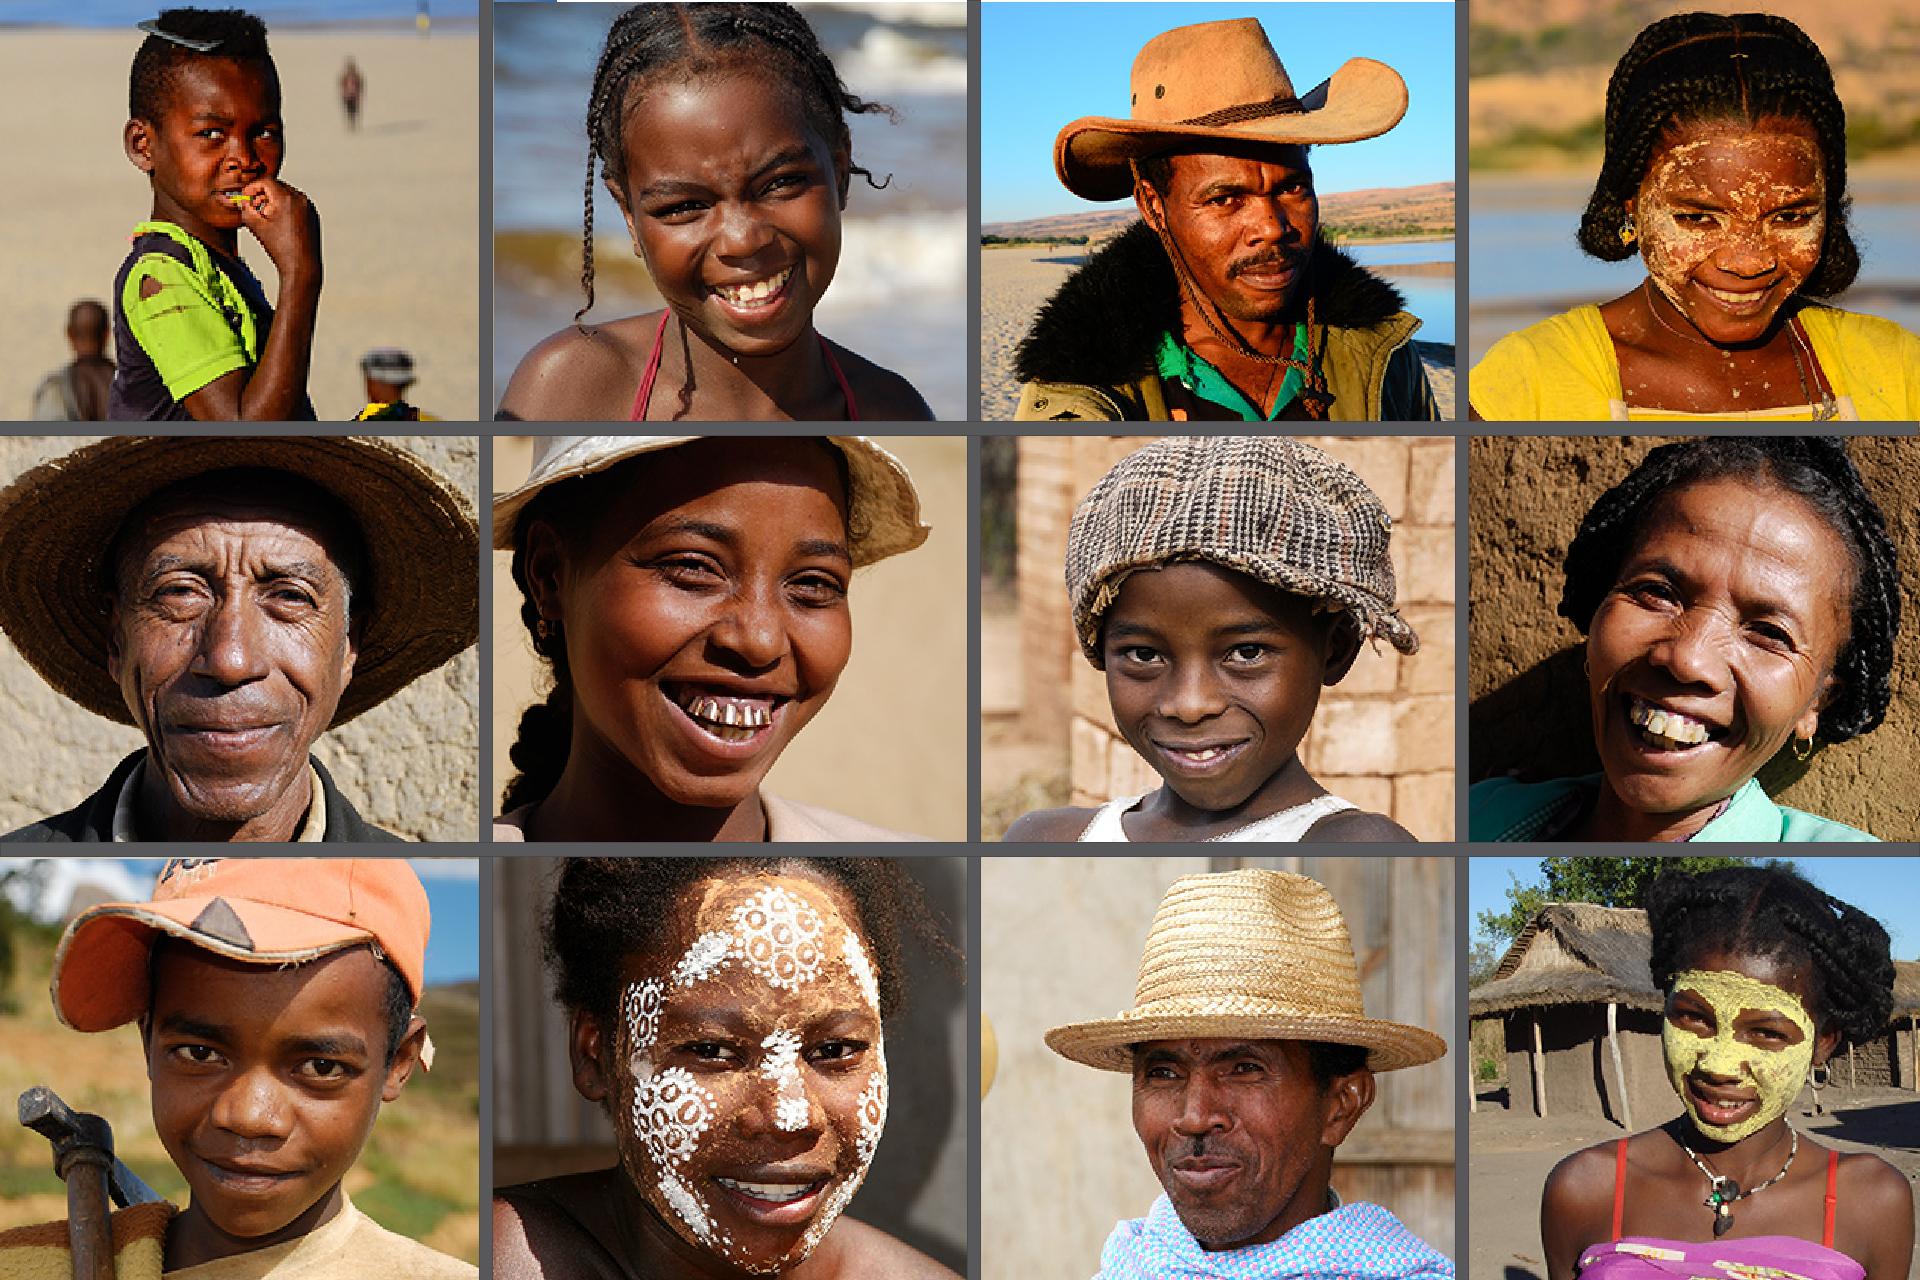 Mosaique visages malgaches